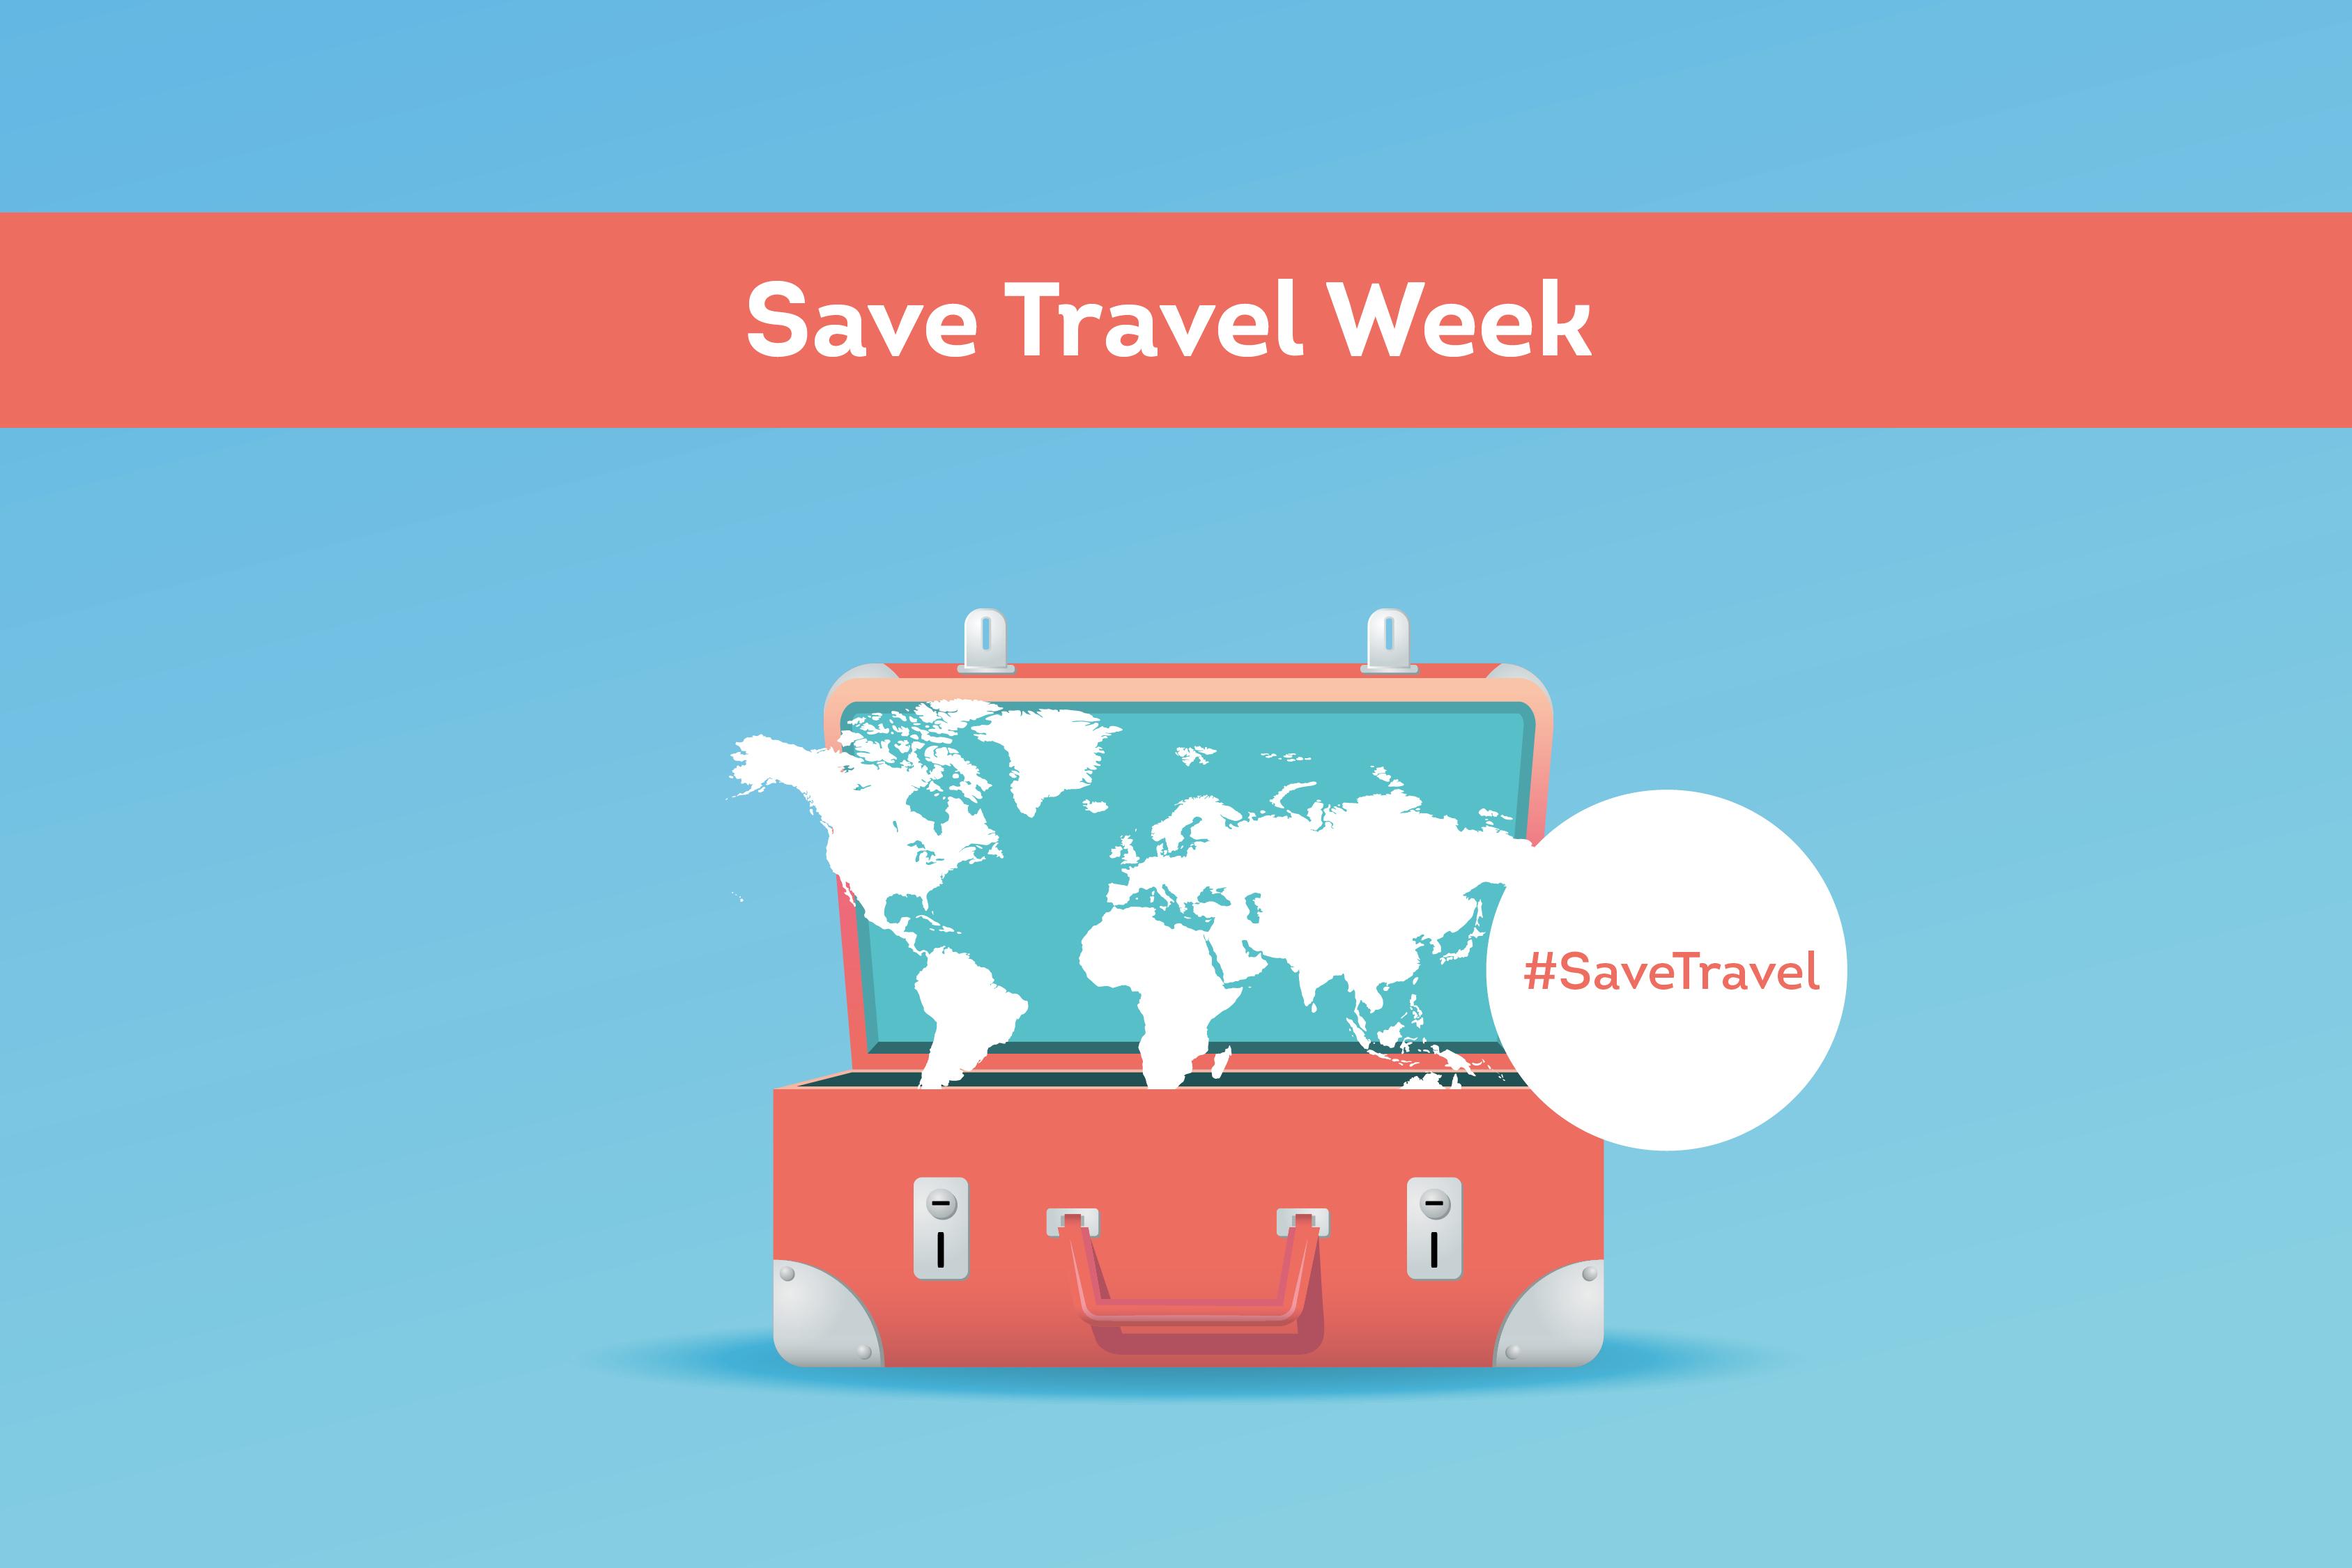 Take part in Save Travel Week